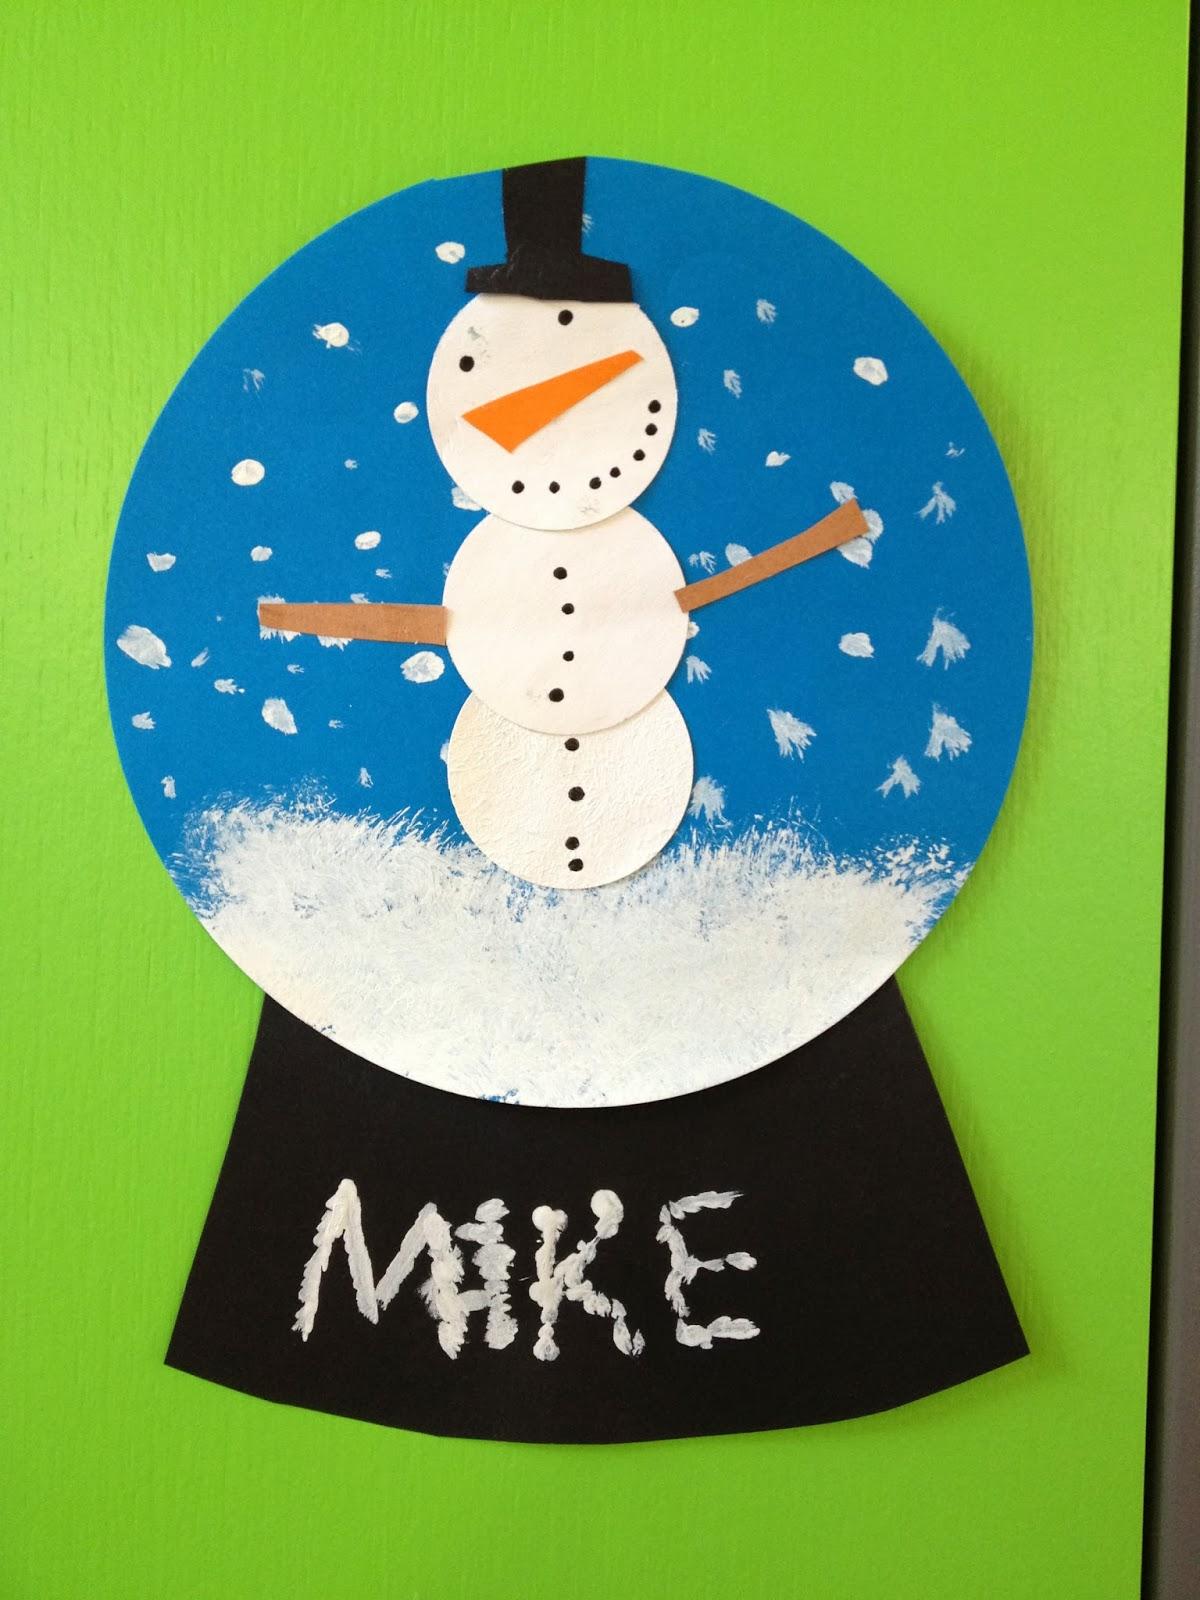 Klassenkunst schneekugeln aus papier - Weihnachten grundschule ideen ...